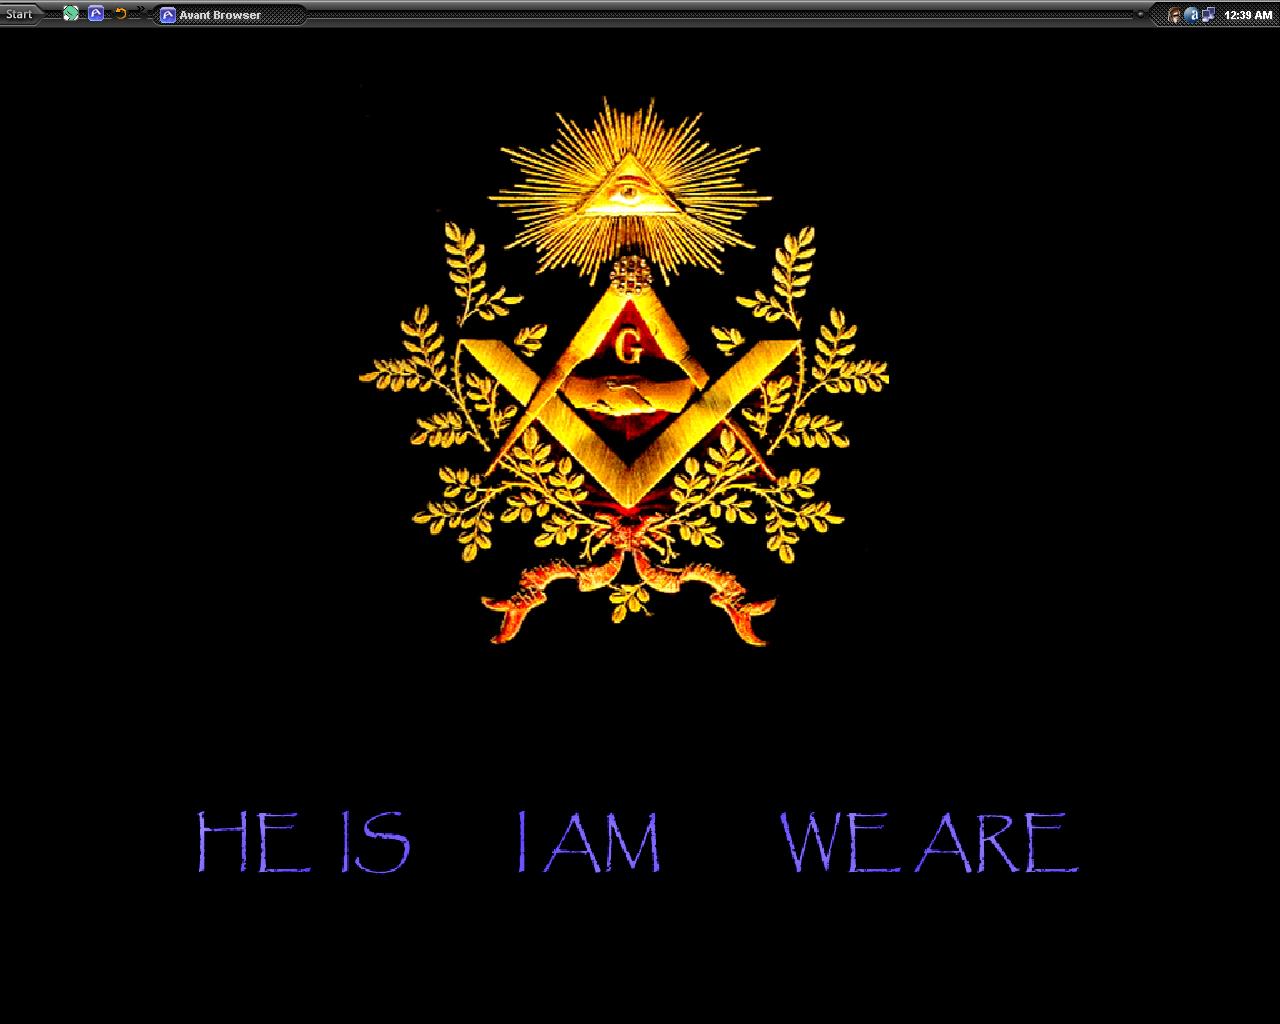 Freemason XP by Davader 1280x1024